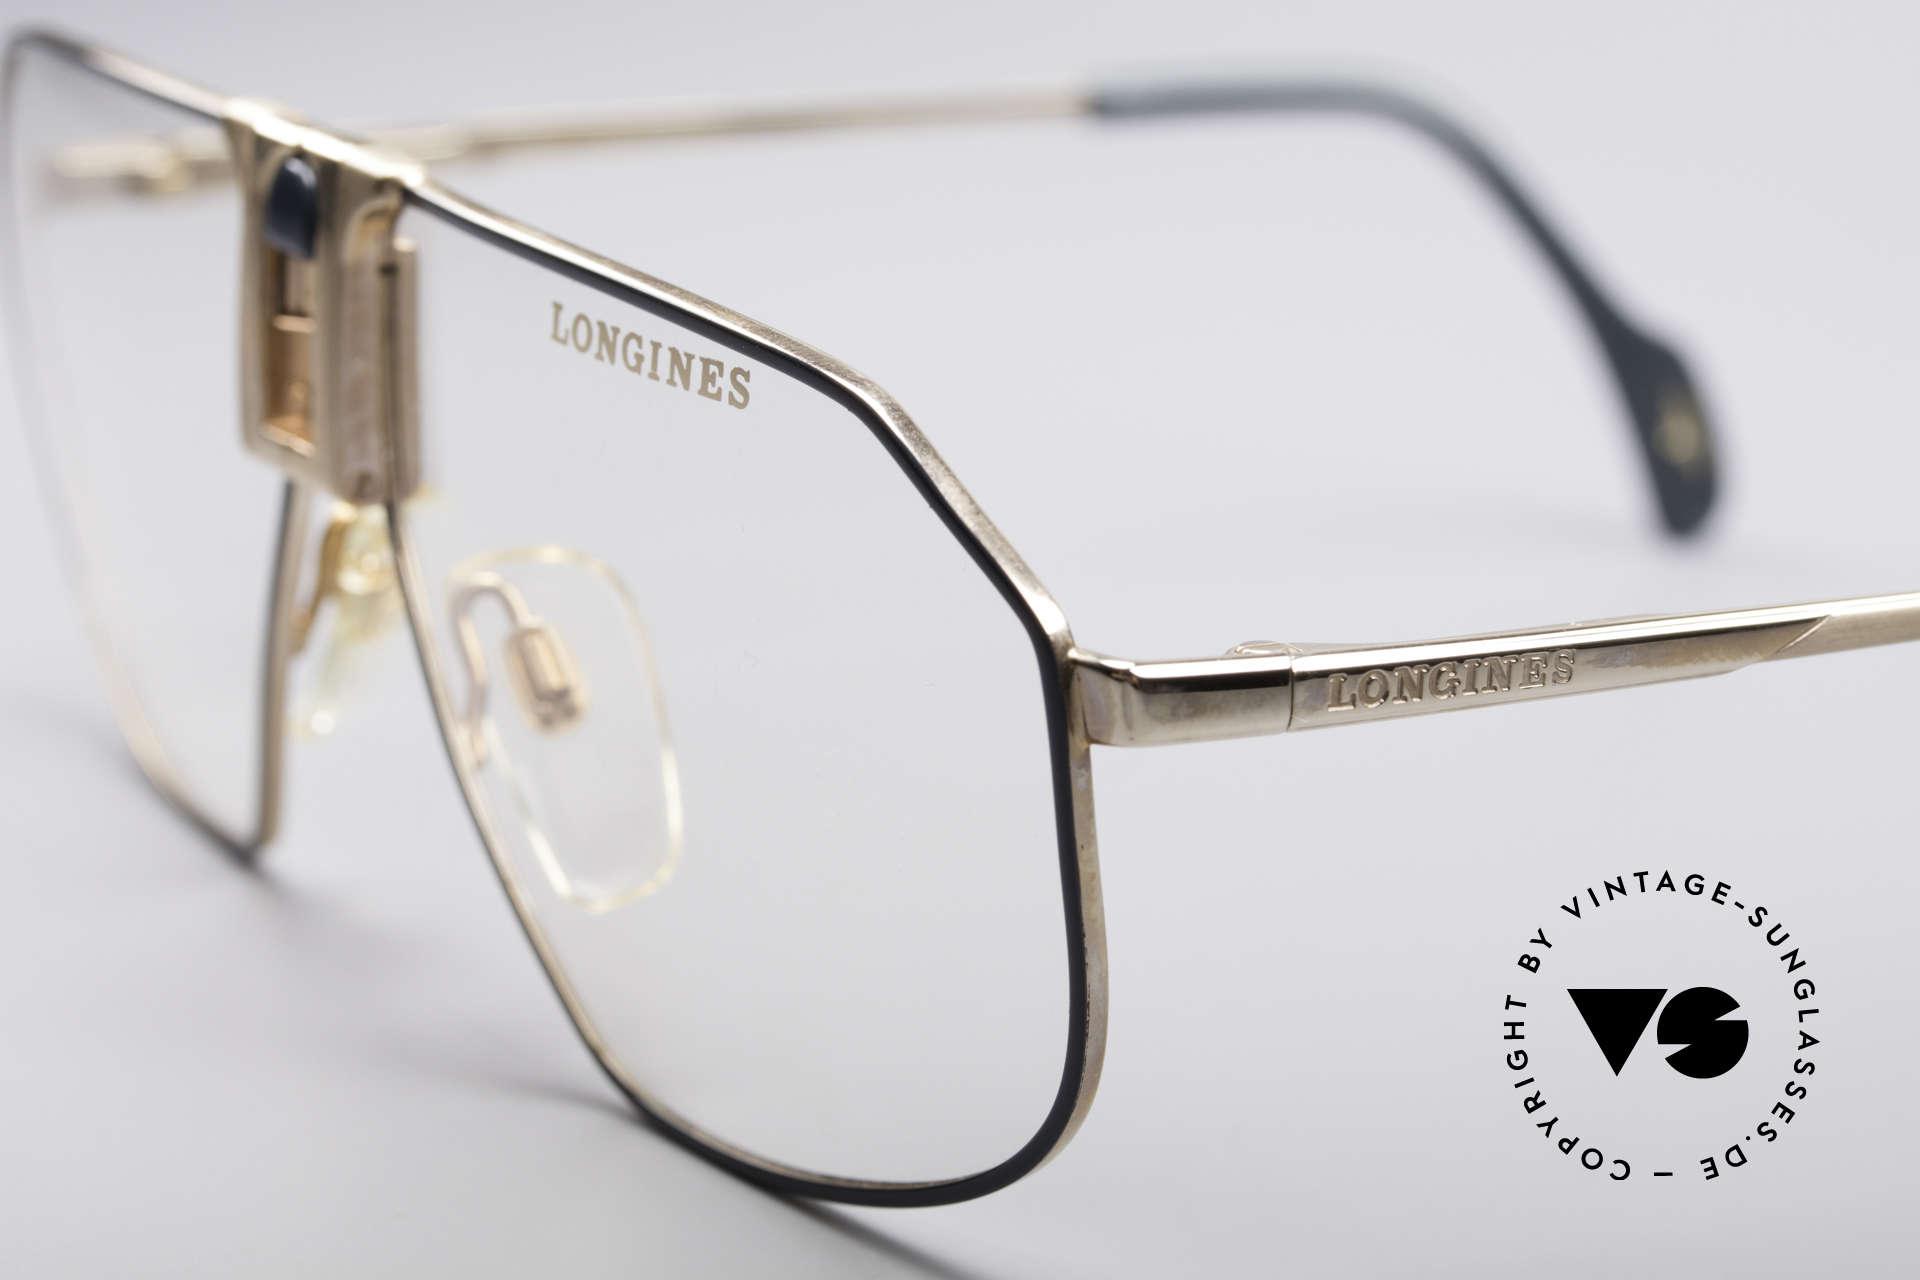 Longines 0153 80er Luxus Herrenbrille, Premium-Qualität und markant (mal 'was anderes'), Passend für Herren